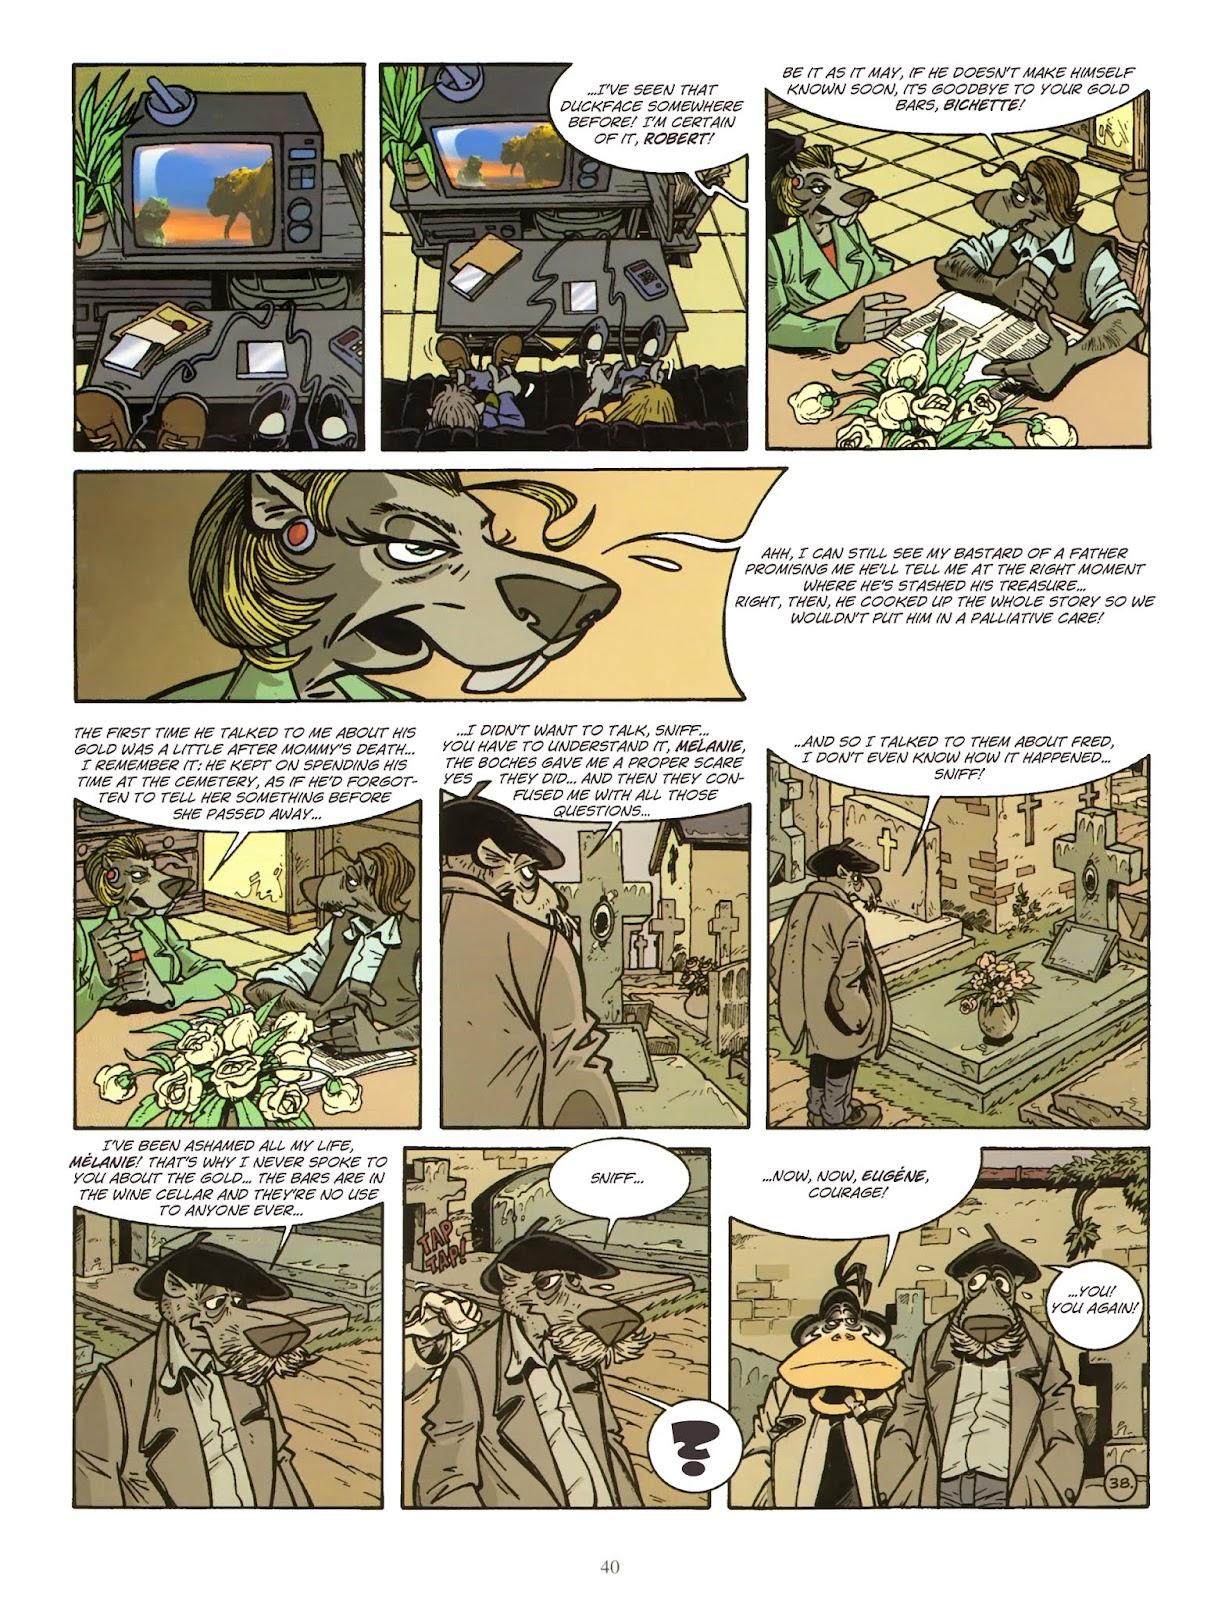 Une enquête de l'inspecteur Canardo issue 11 - Page 41